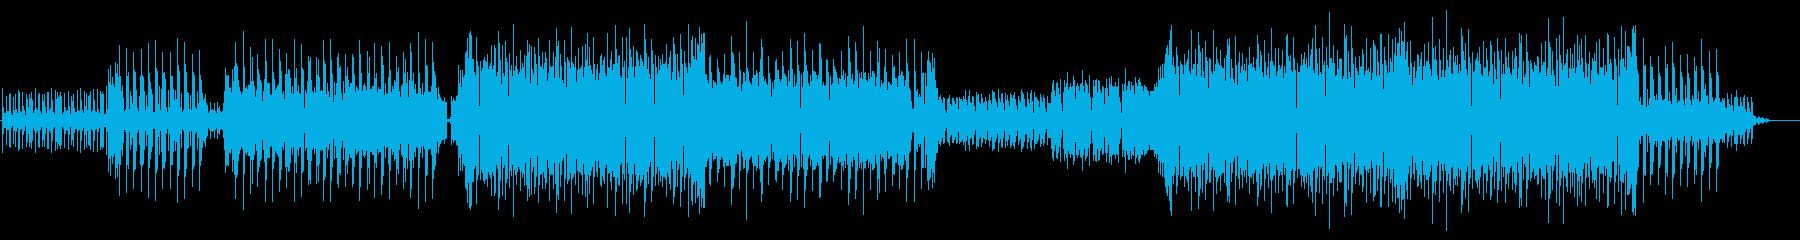 ノリの良い軽快なEDM ちょっと感動的の再生済みの波形